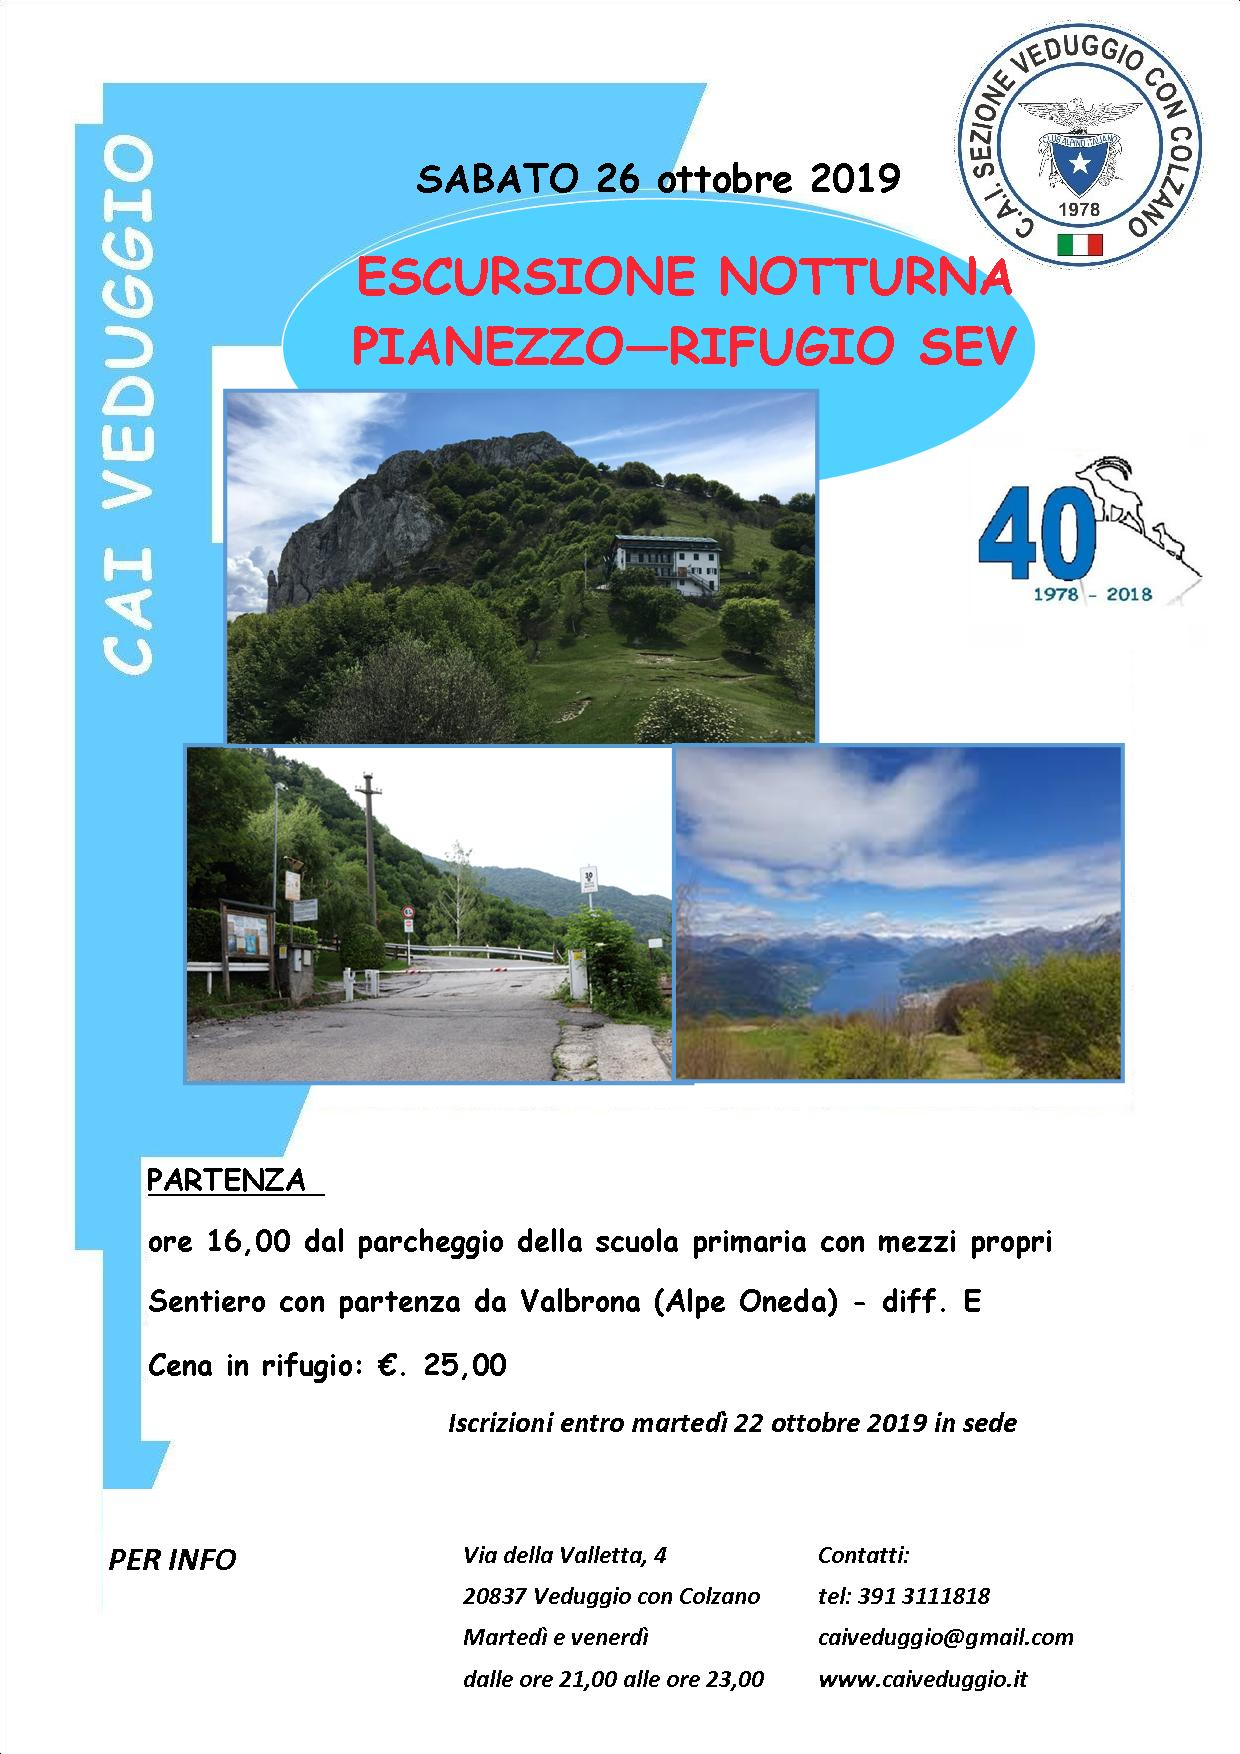 Sabato 26 ottobre 2019 – Escursione notturna – Pianezzo – Rifugio SEV